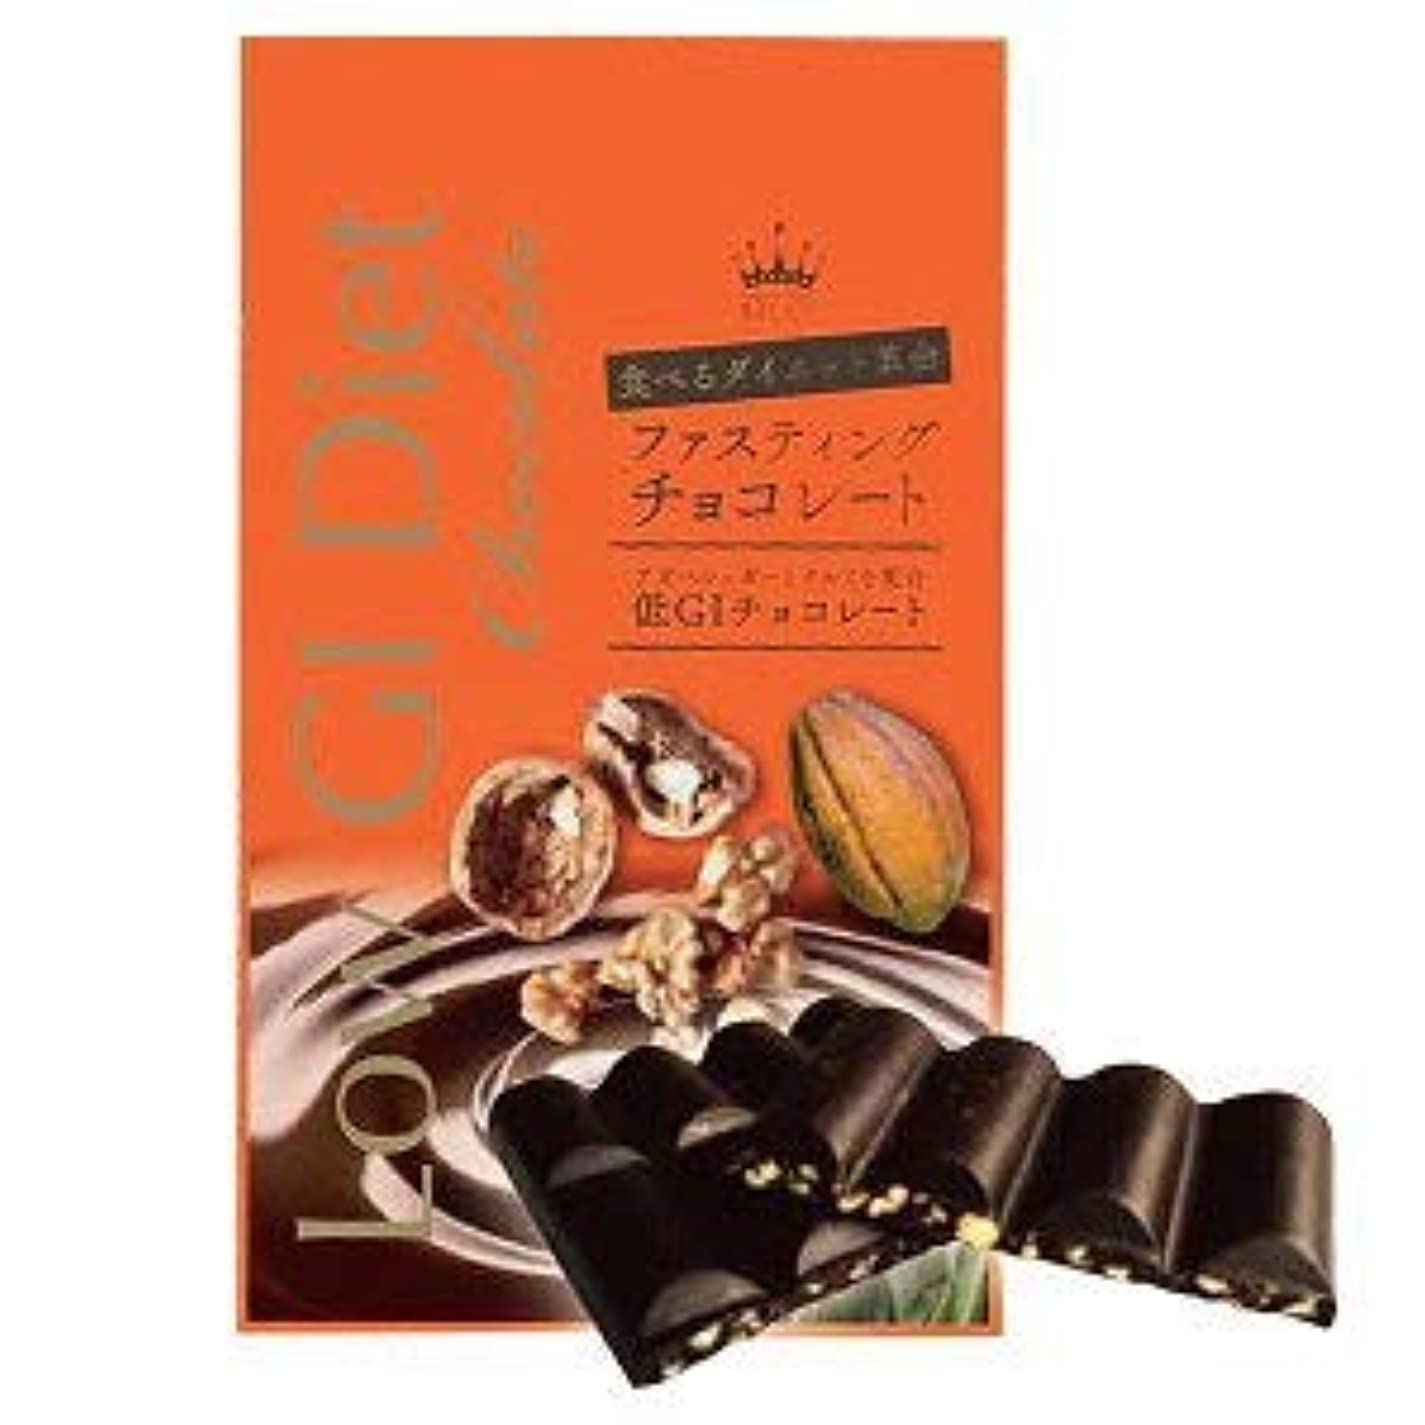 トラフ継続中保証するファスティングチョコレート 25g×3個 1袋